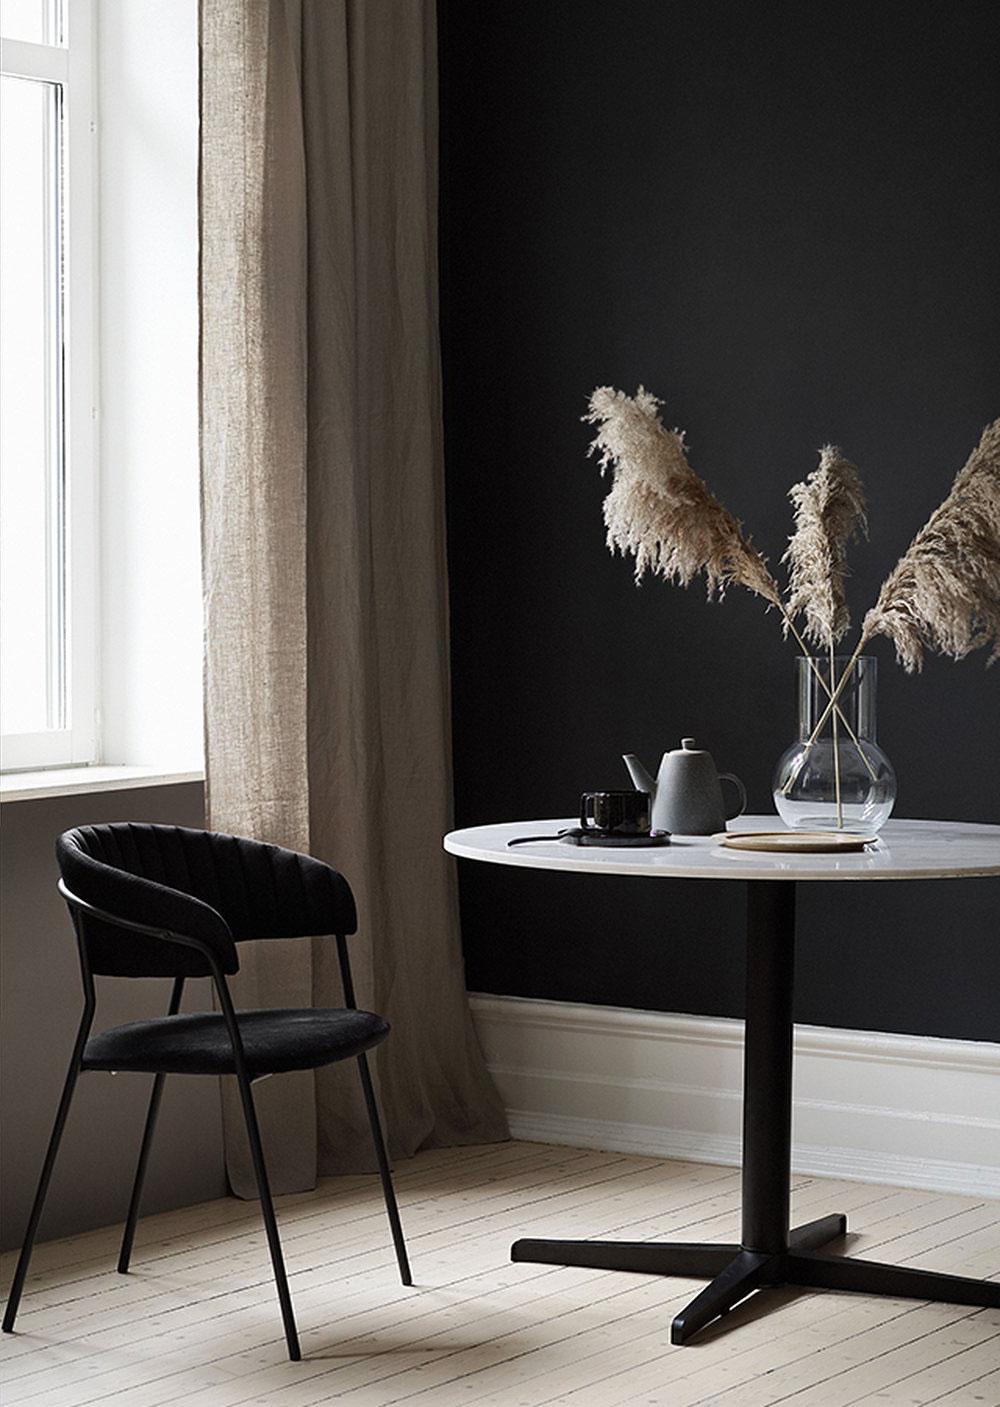 Темные скандинавские интерьеры с натуральными акцентами: Новая коллекция от Ellos Home